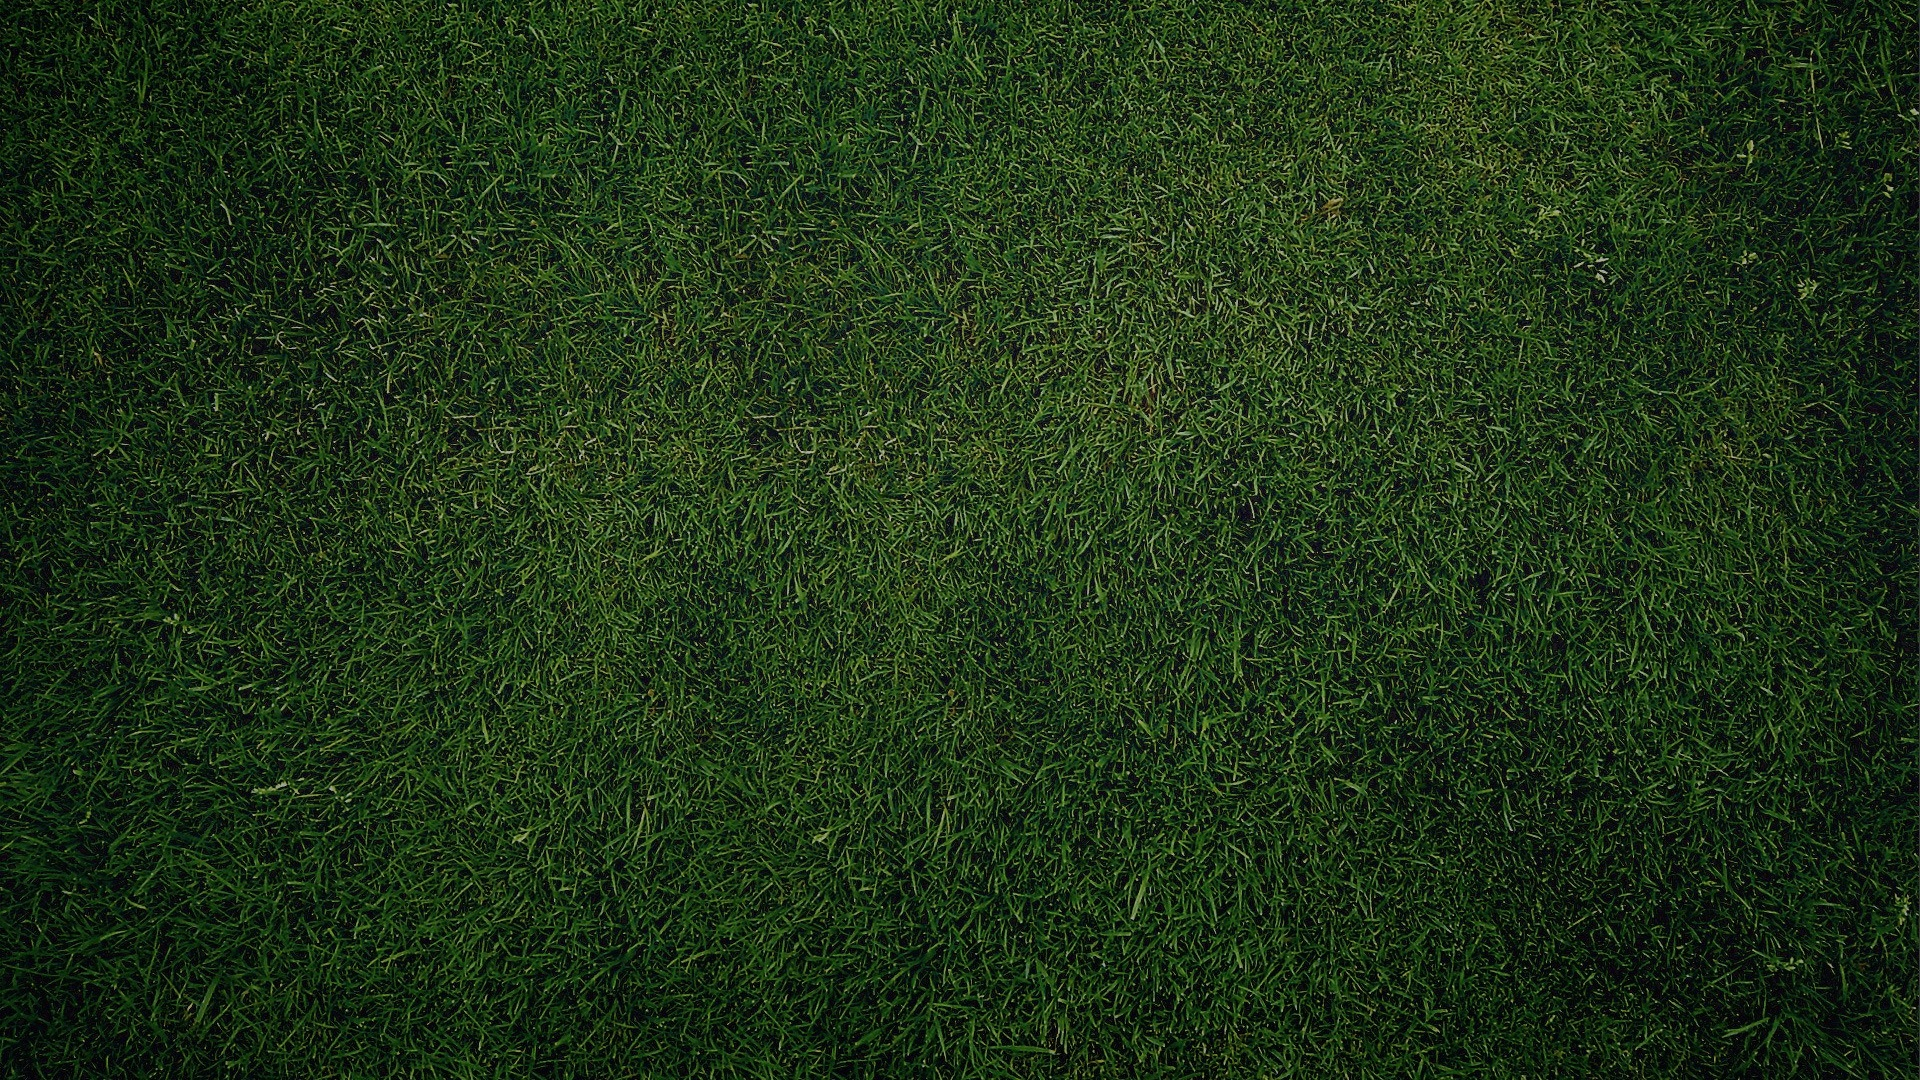 1920x1080 Green Grass Background desktop PC and Mac wallpaper 1920x1080